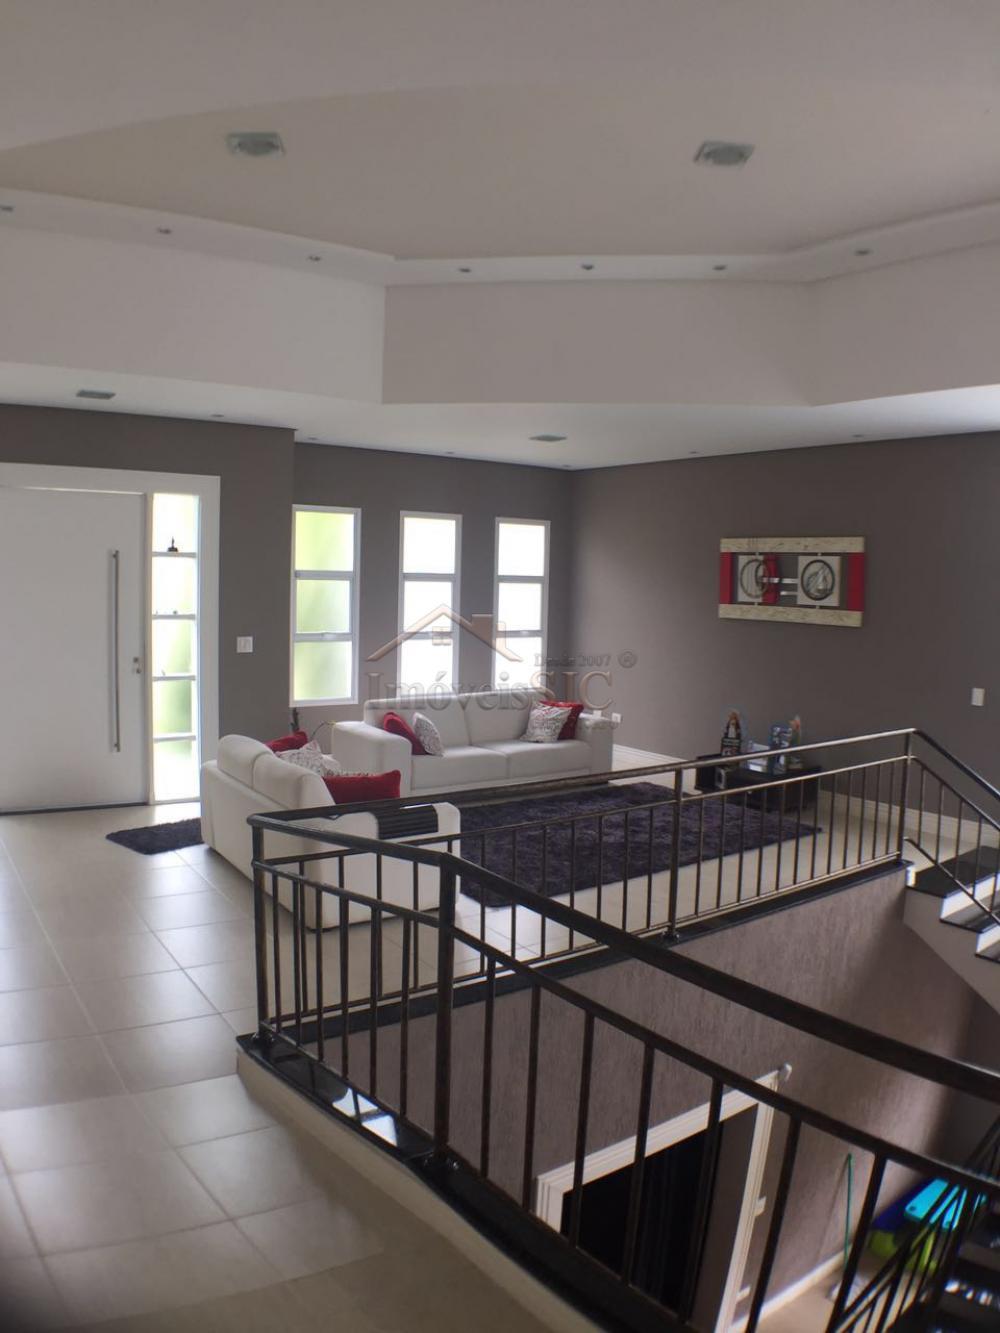 Comprar Casas / Condomínio em Jacareí apenas R$ 1.350.000,00 - Foto 4